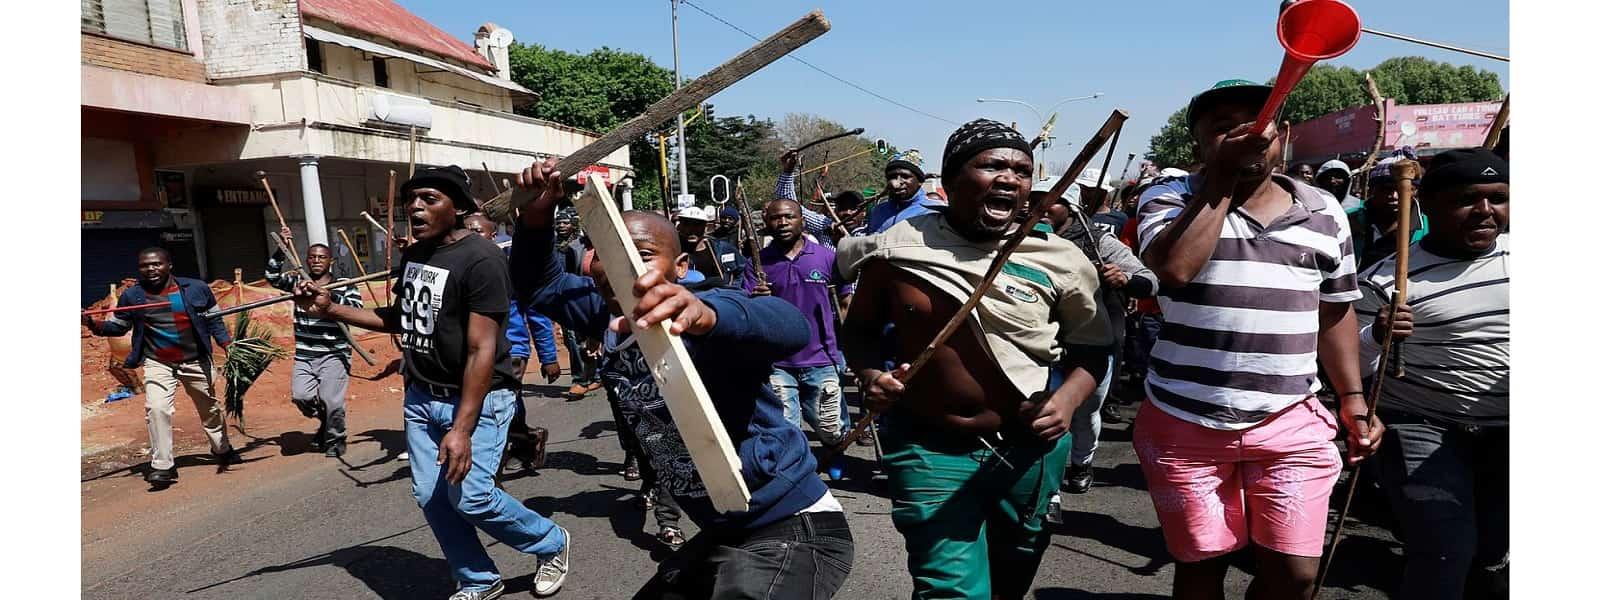 தென் ஆப்பிரிக்காவில் வெளிநாட்டினரின் வர்த்தக நிலையங்கள் மீது தாக்குதல்: 12 பேர் பலி